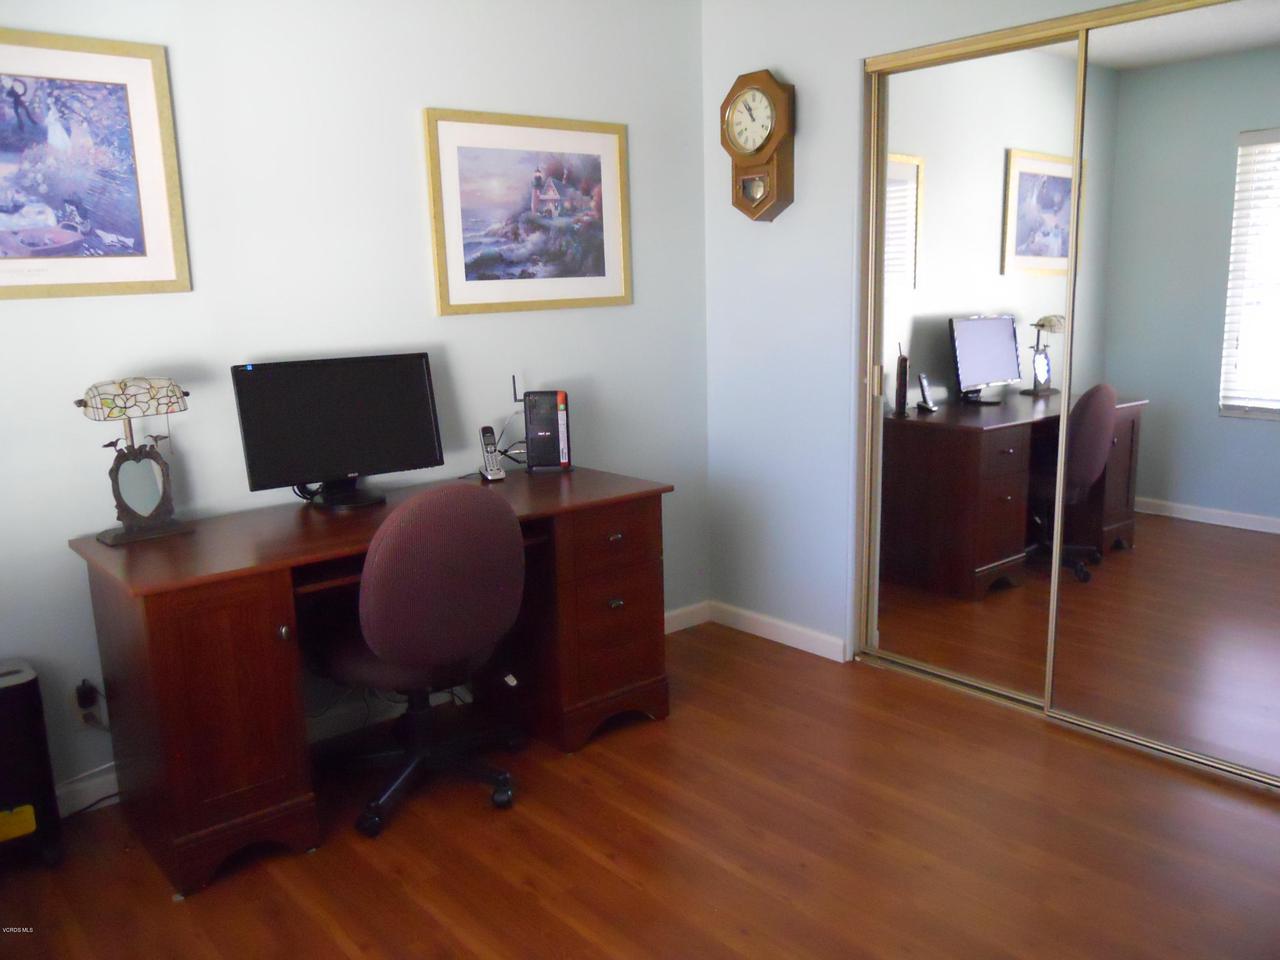 1207 SEYBOLT, Camarillo, CA 93010 - Bedroom